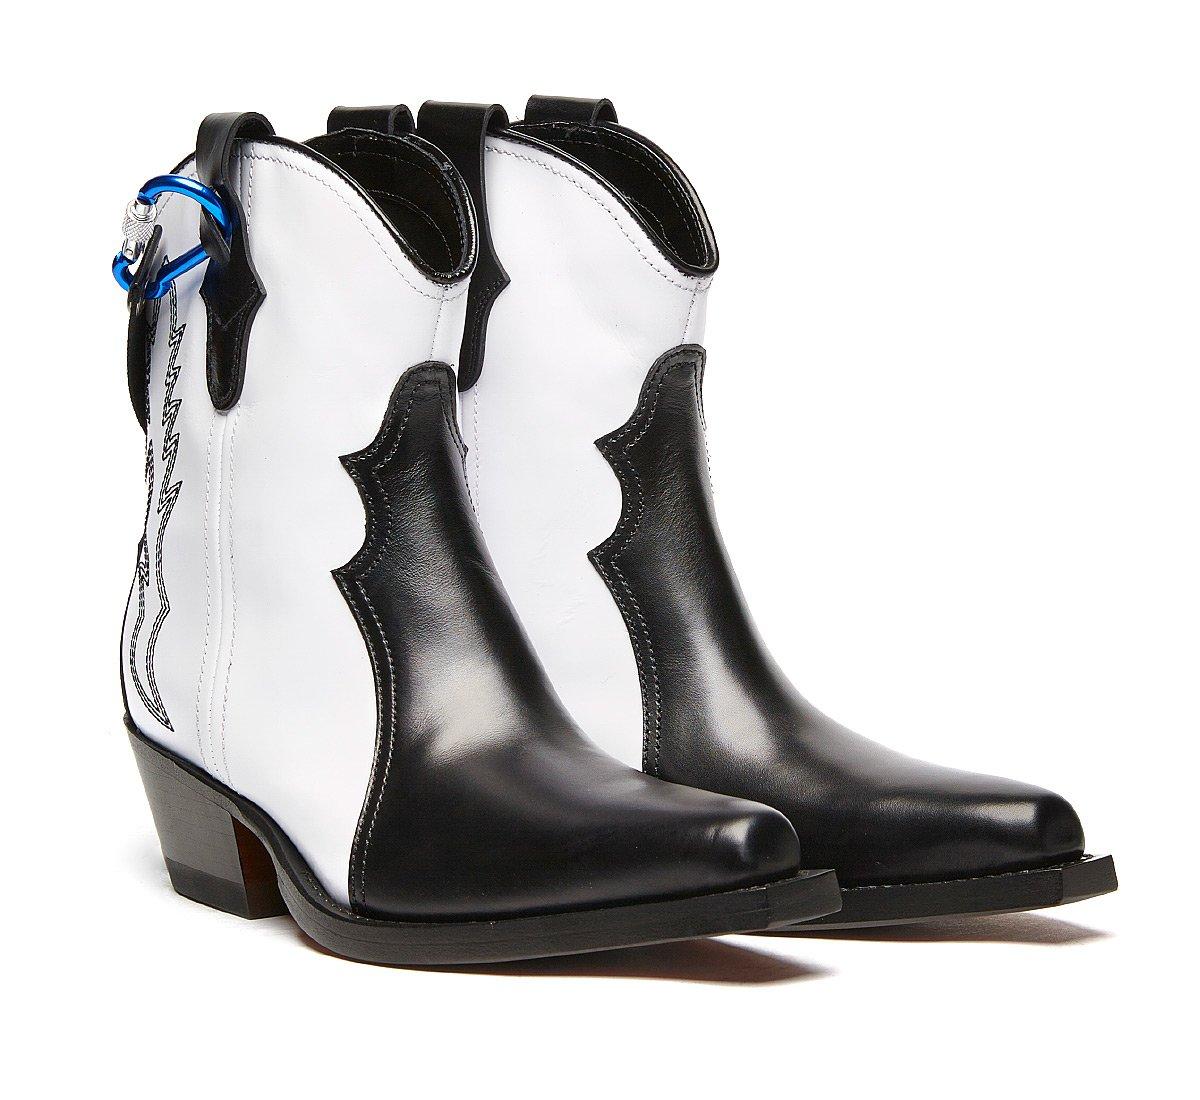 Ботинки в стиле вестерн Texano Barracuda из высококачественной телячьей кожи